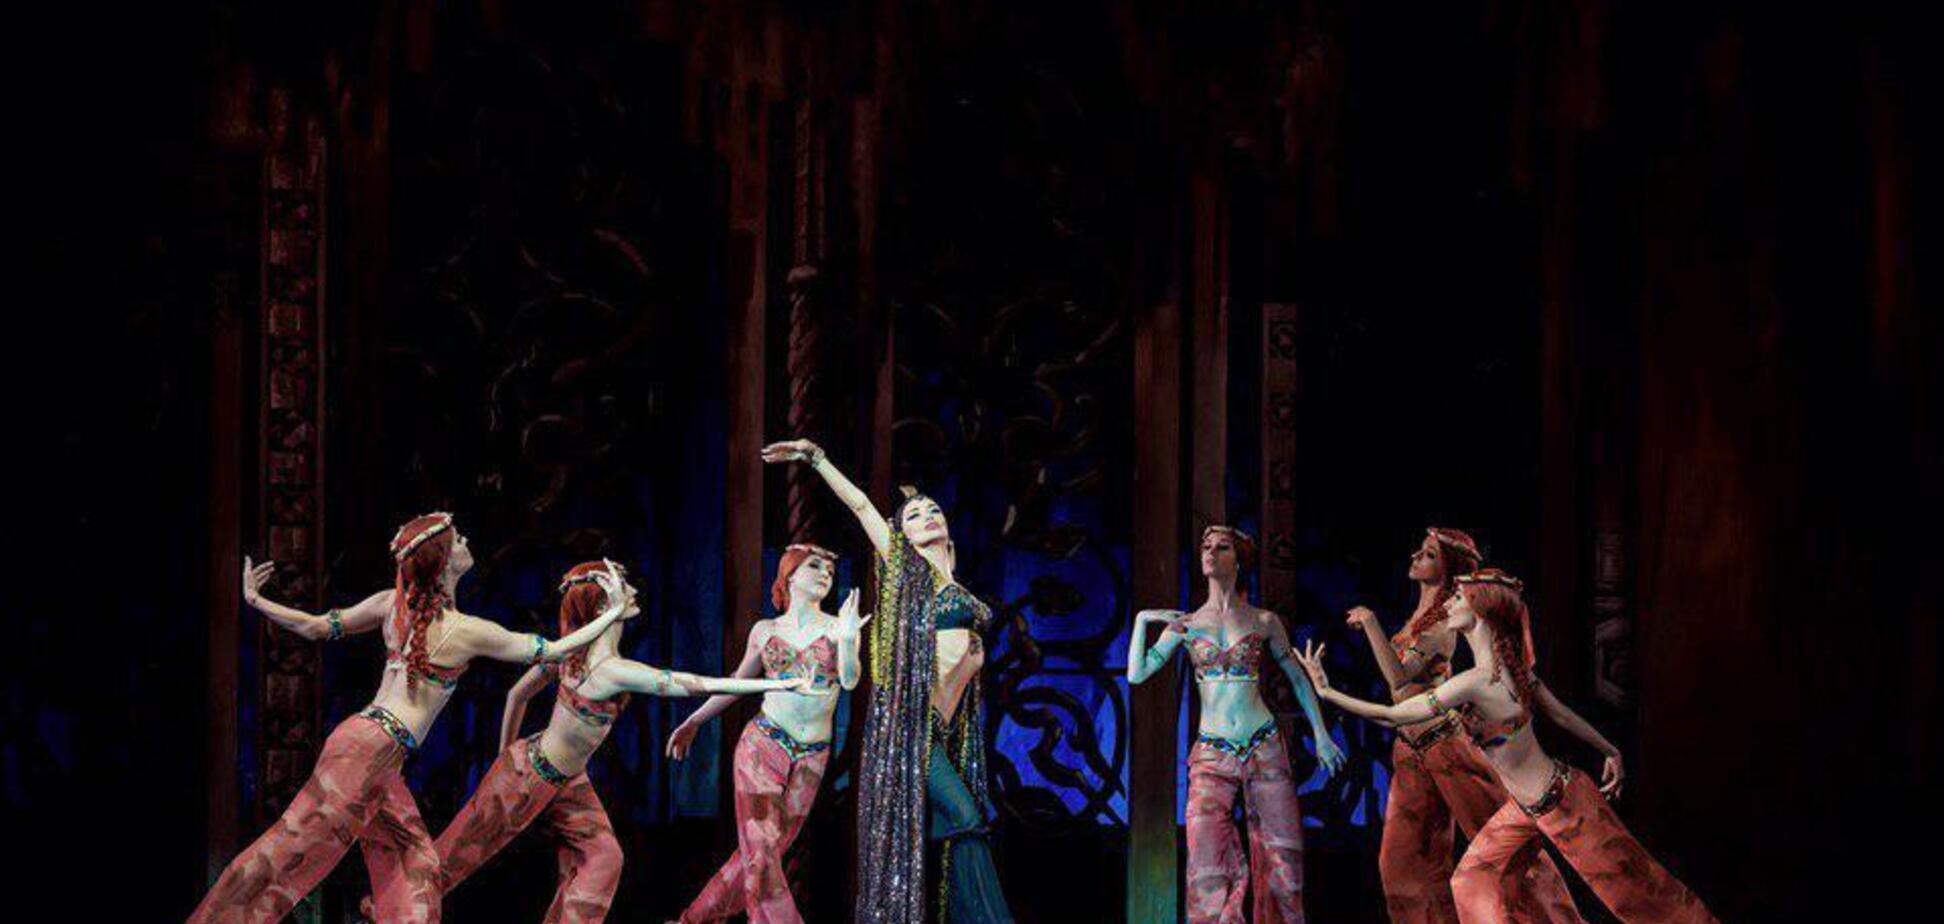 'Це був тріумфальний парад зірок!' Легенди балету Шишпор і Сарафанов влаштували в Києві неймовірне шоу